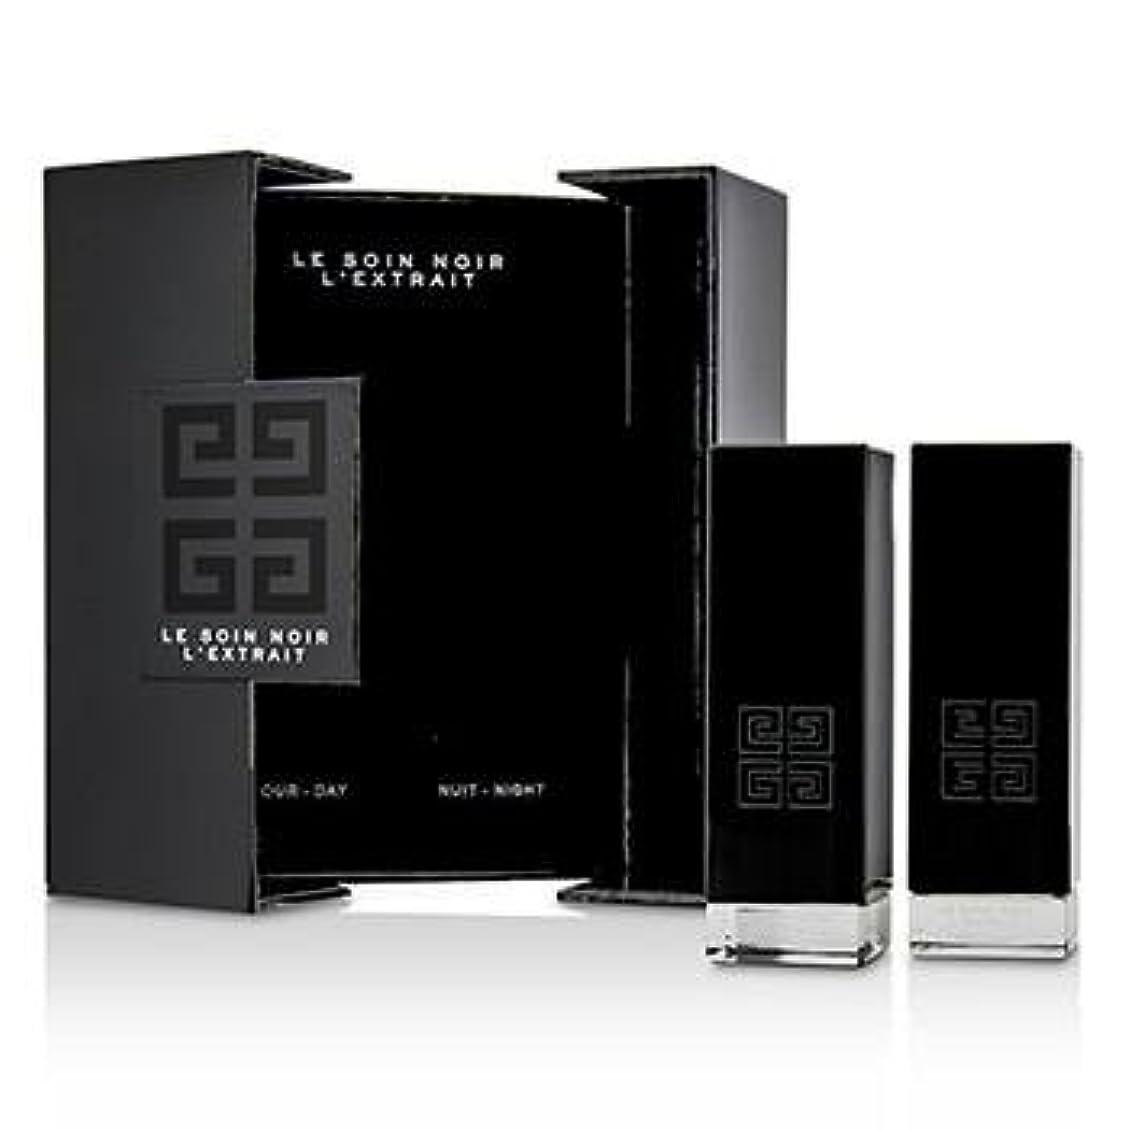 ソース劇的豆ジバンシィ Le Soin Noir L'Extrait: L'Extrait Day Serum 15ml/0.5oz + L'Extrait Night Serum 15ml/0.5oz 2pcs並行輸入品